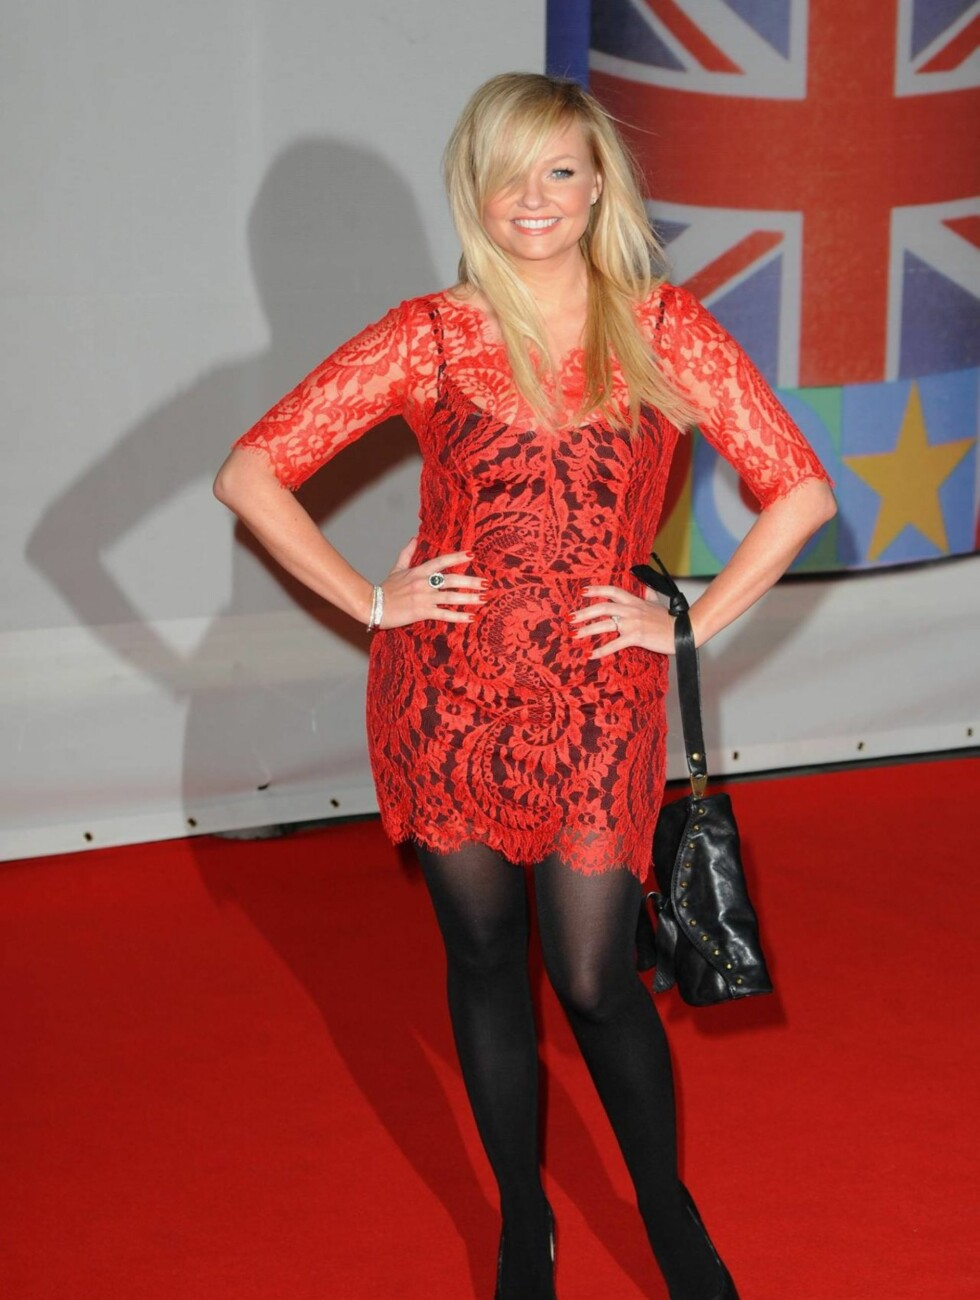 <strong>KORT:</strong> Tidligere Spice Girls-stjerne Emma Bunton kom i en kort, rød blondekjole.  Foto: All Over Press